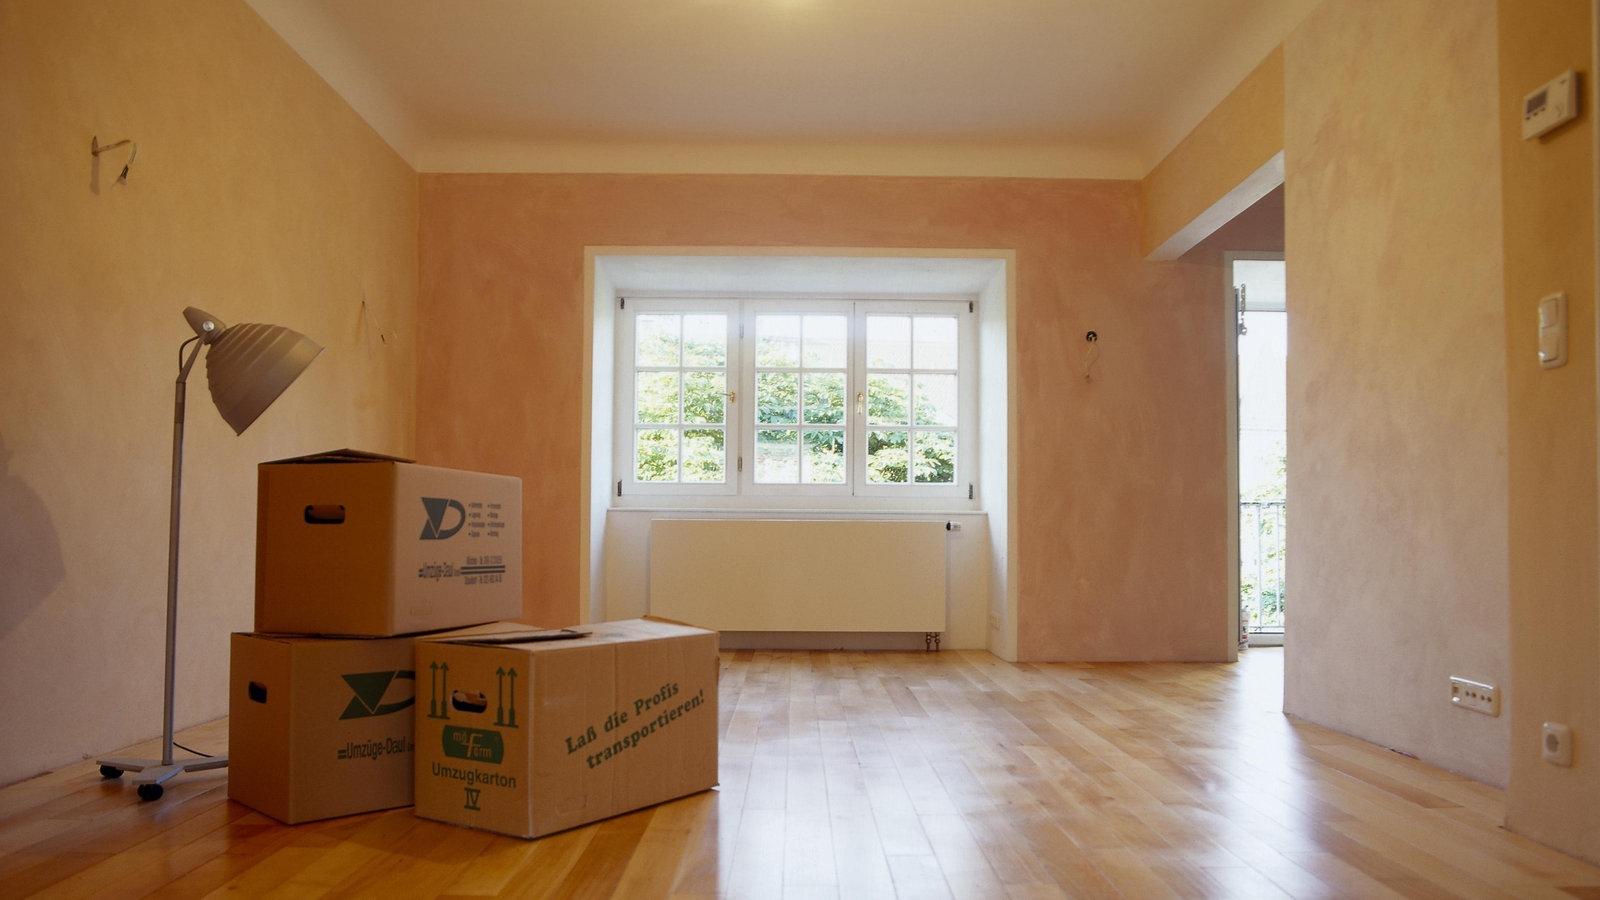 sendung wdr ard alpha weniger ist mehr. Black Bedroom Furniture Sets. Home Design Ideas